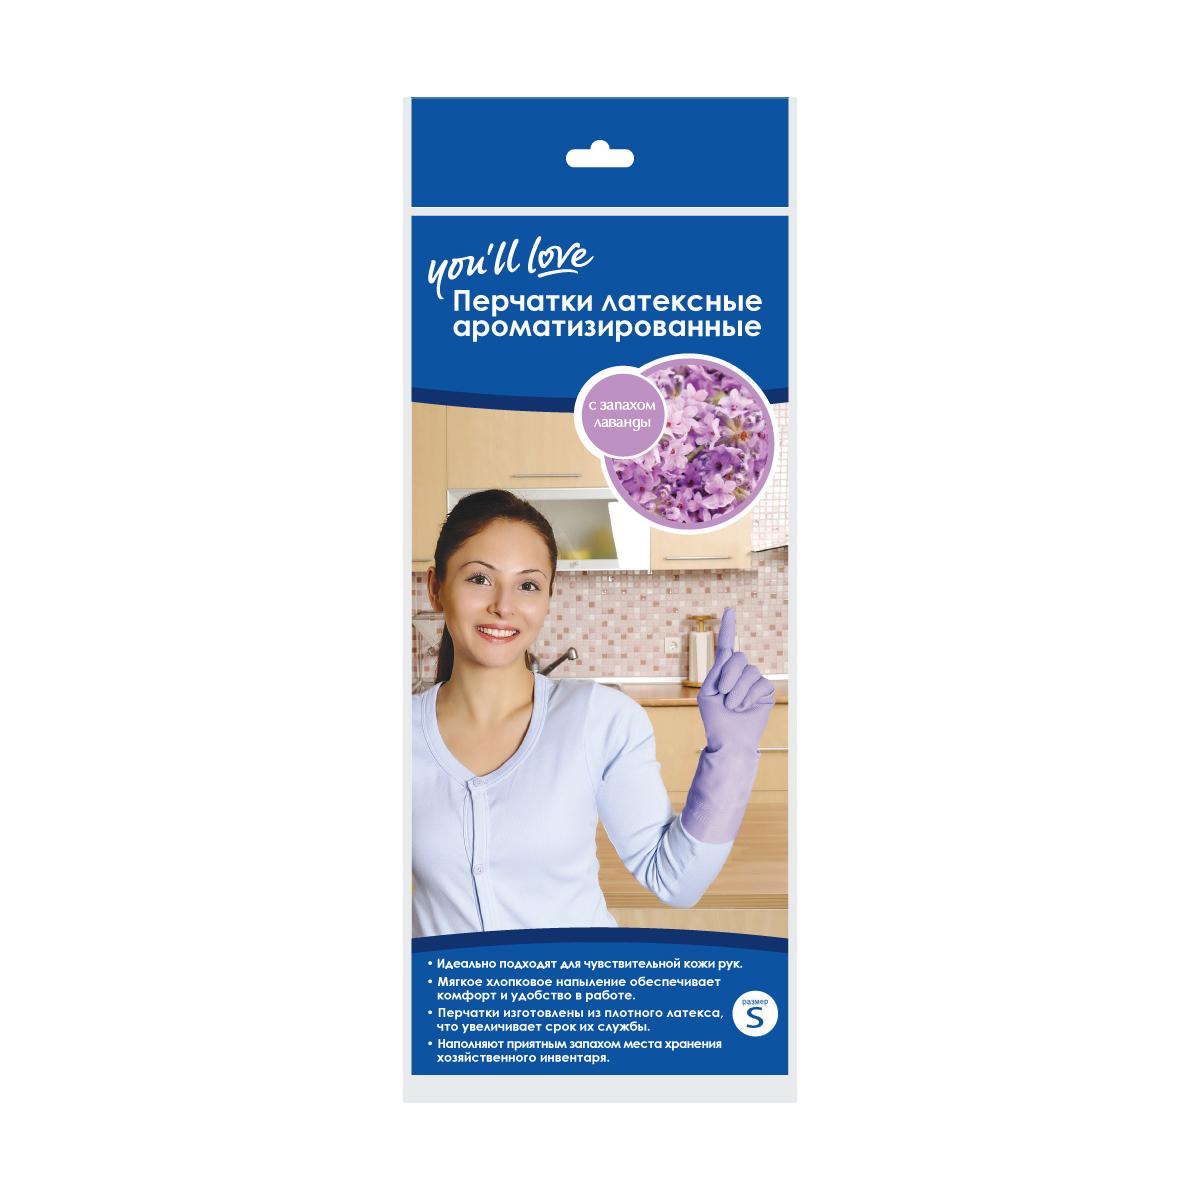 Перчатки латексные ароматизированные Youll love, аромат лаванды. Размер S60319Перчатки латексные ароматизированные Youll love с хлопковым напылением защищают ваши руки от загрязнений, воздействия моющих и чистящих средств. Приятный аромат при использовании и в местах хранения. Плотный латекс увеличивает срок службы перчаток. Рифленая поверхность в области ладони защищает от скольжения.